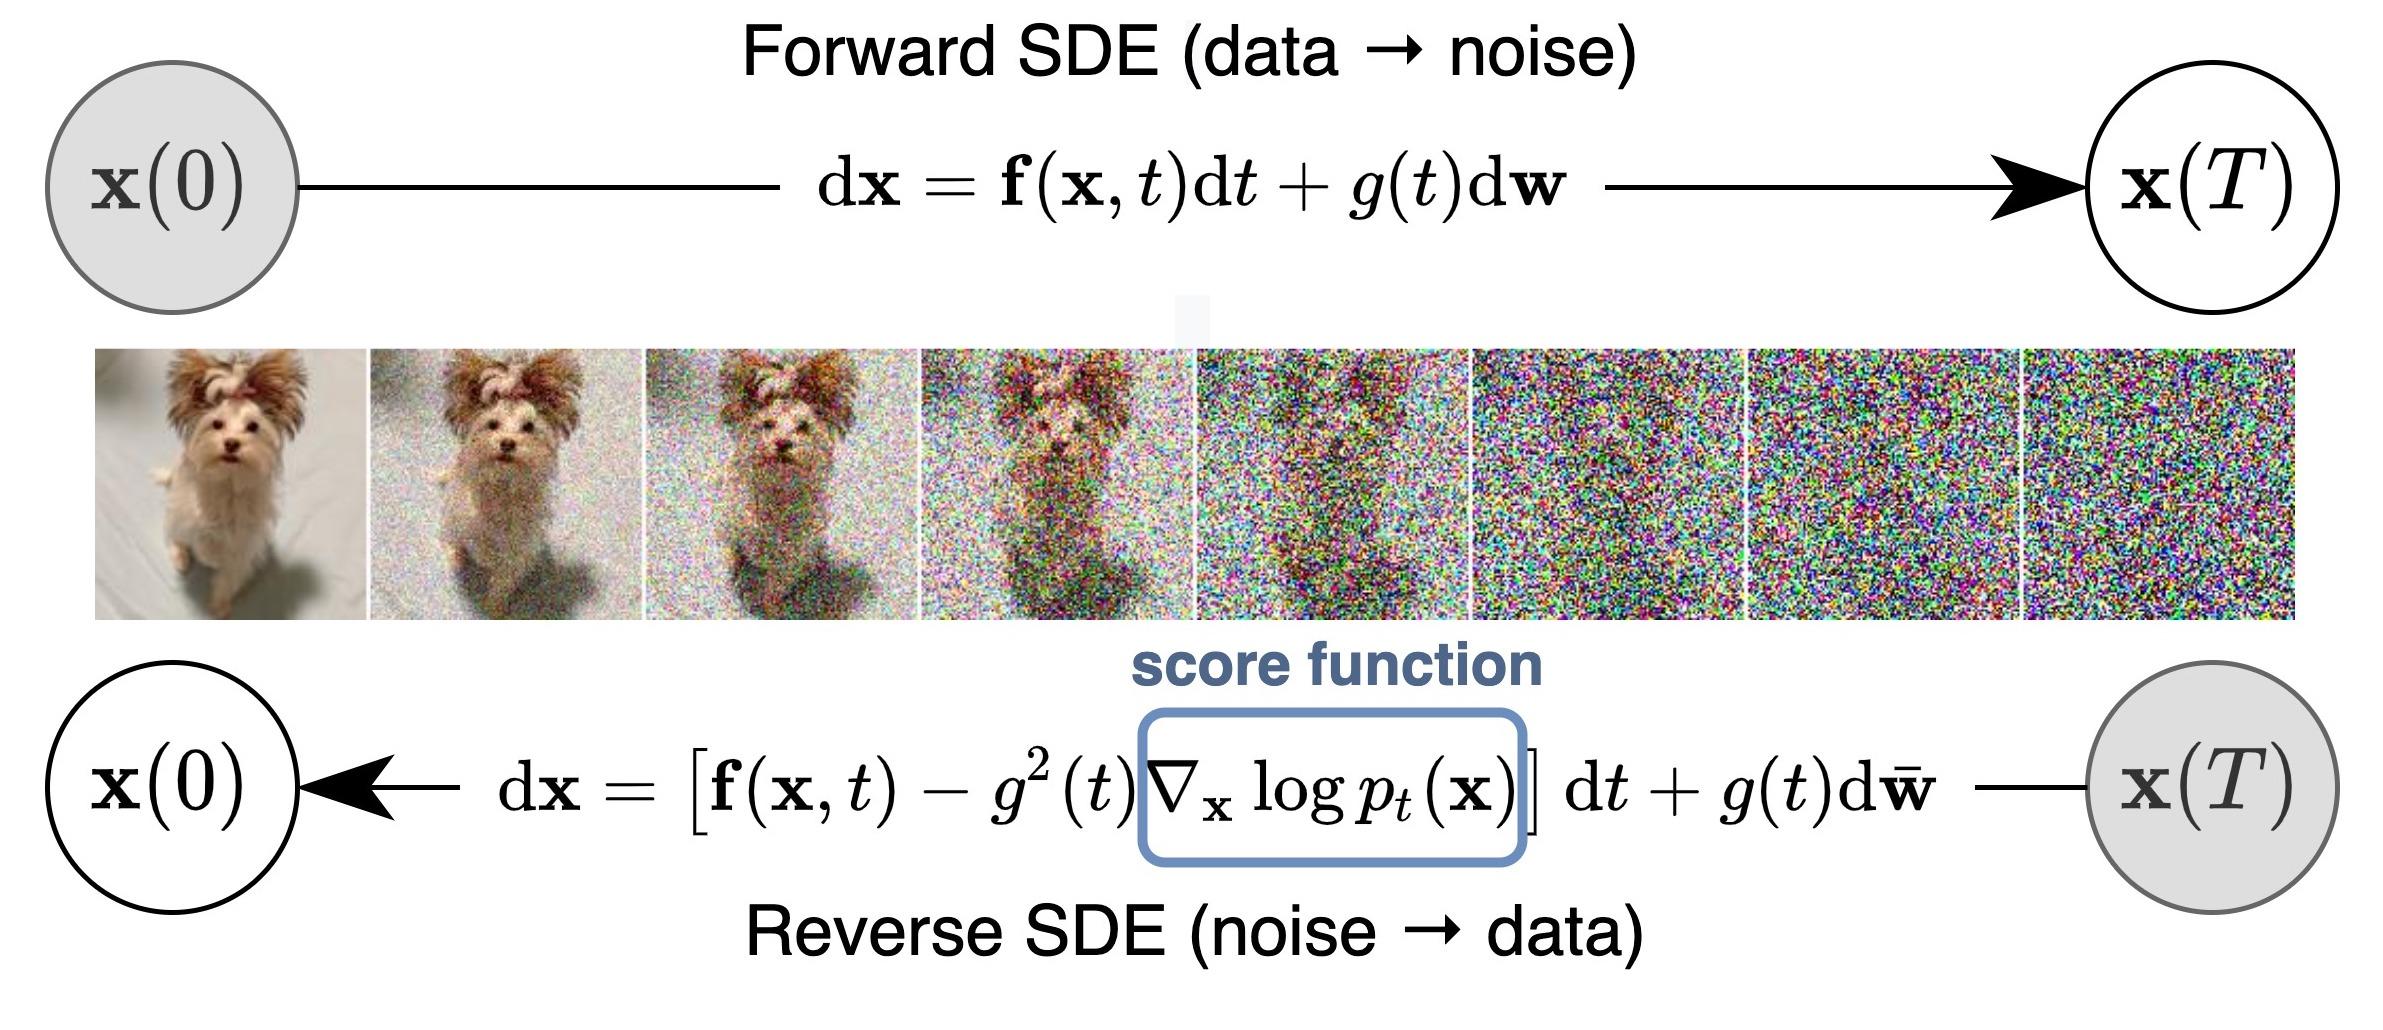 score-sde schematic